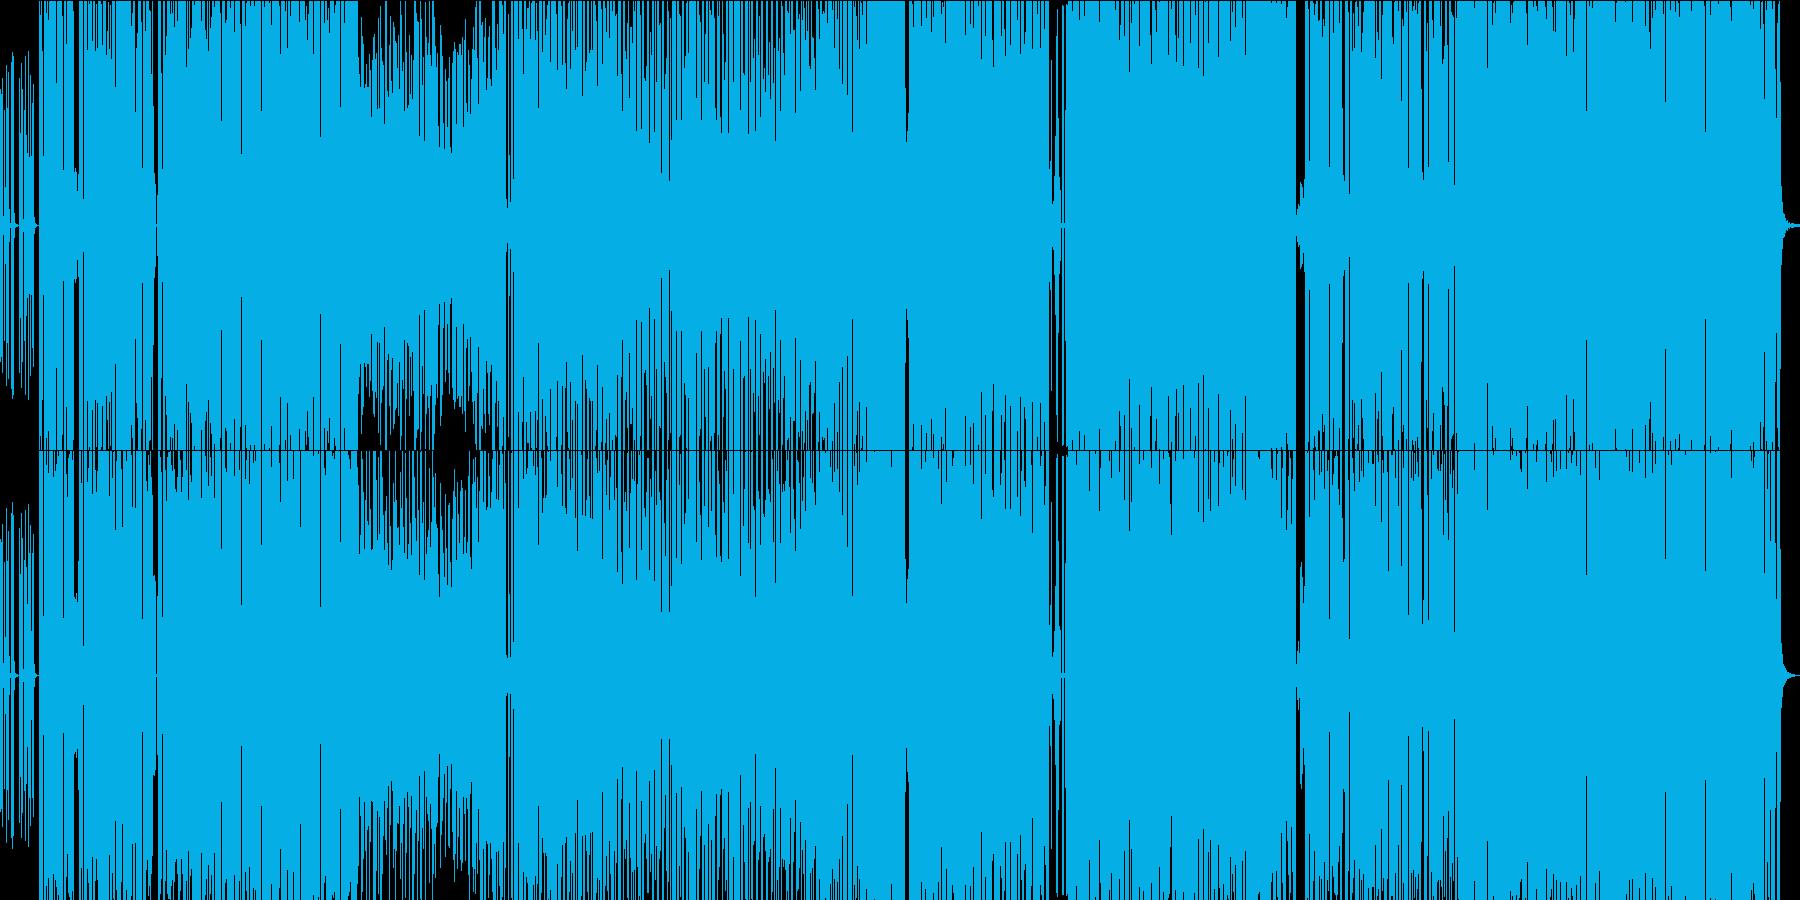 ハロウイン系ライトホラーなEDM曲の再生済みの波形